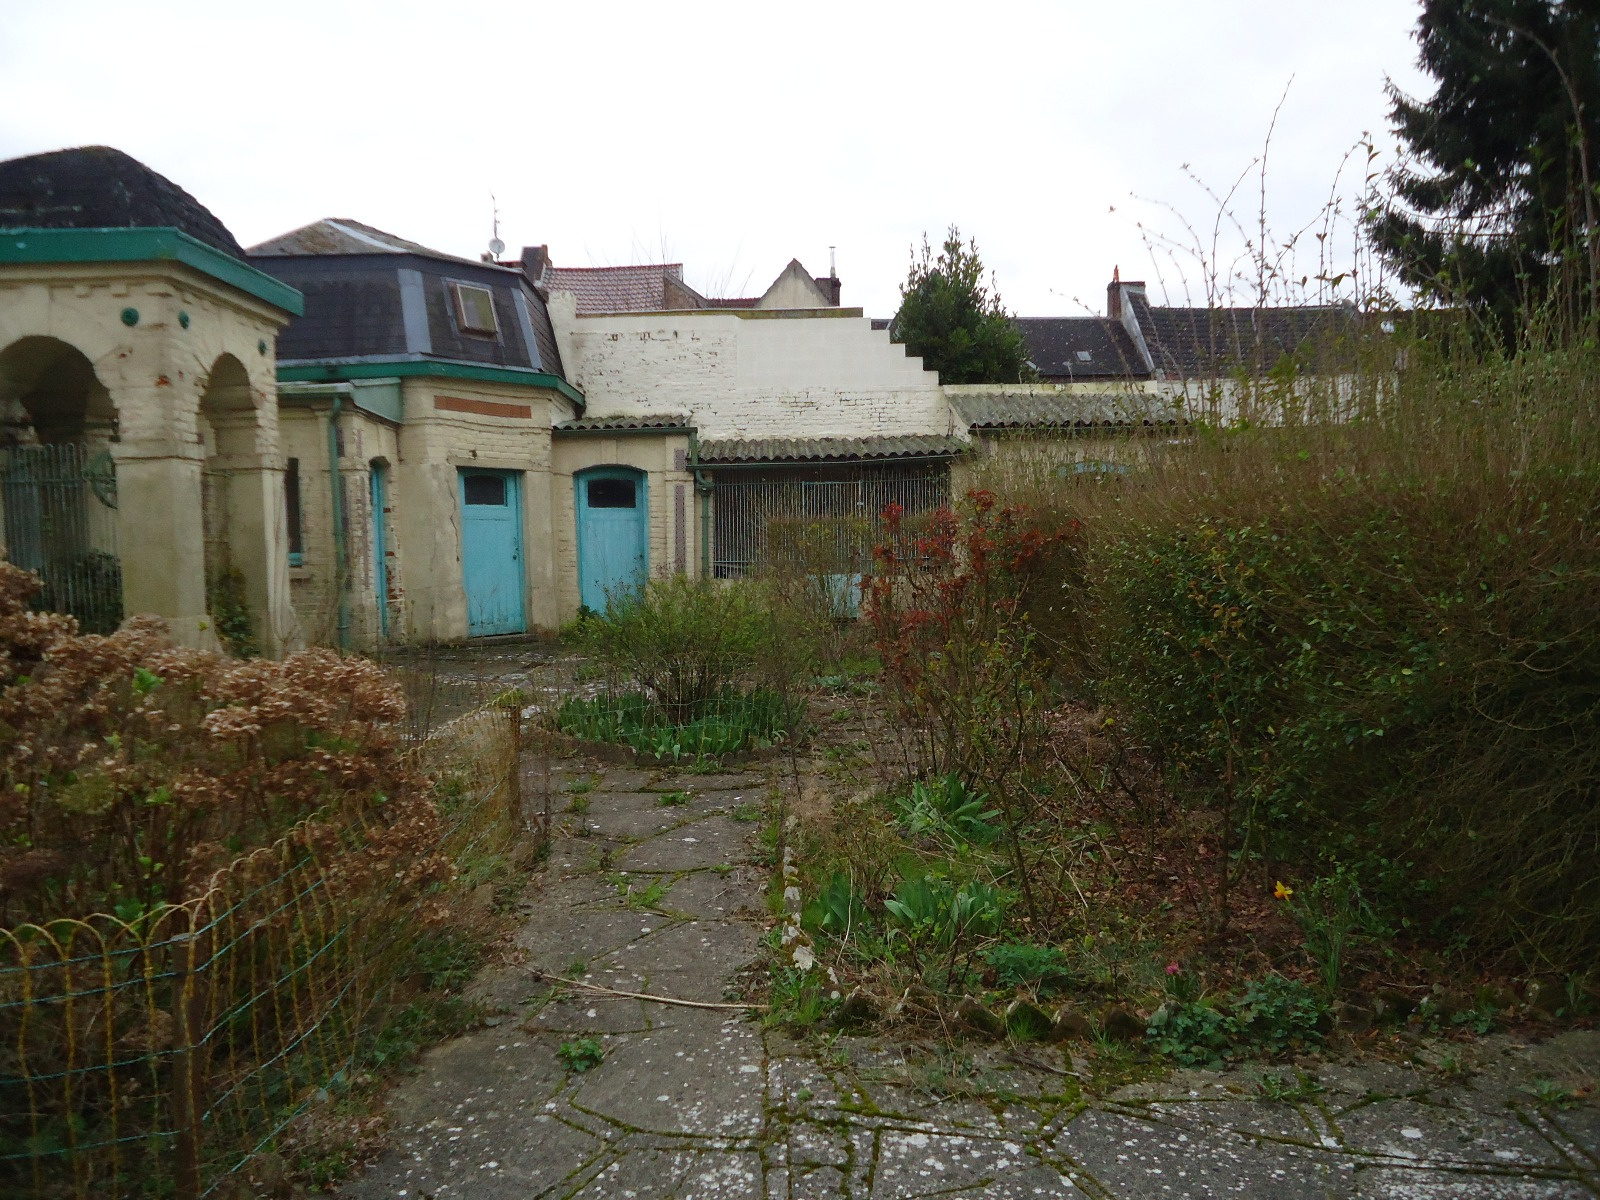 Vente belle maison bourgeoise r nover - Maison ancienne bourgeoise paris vi ...